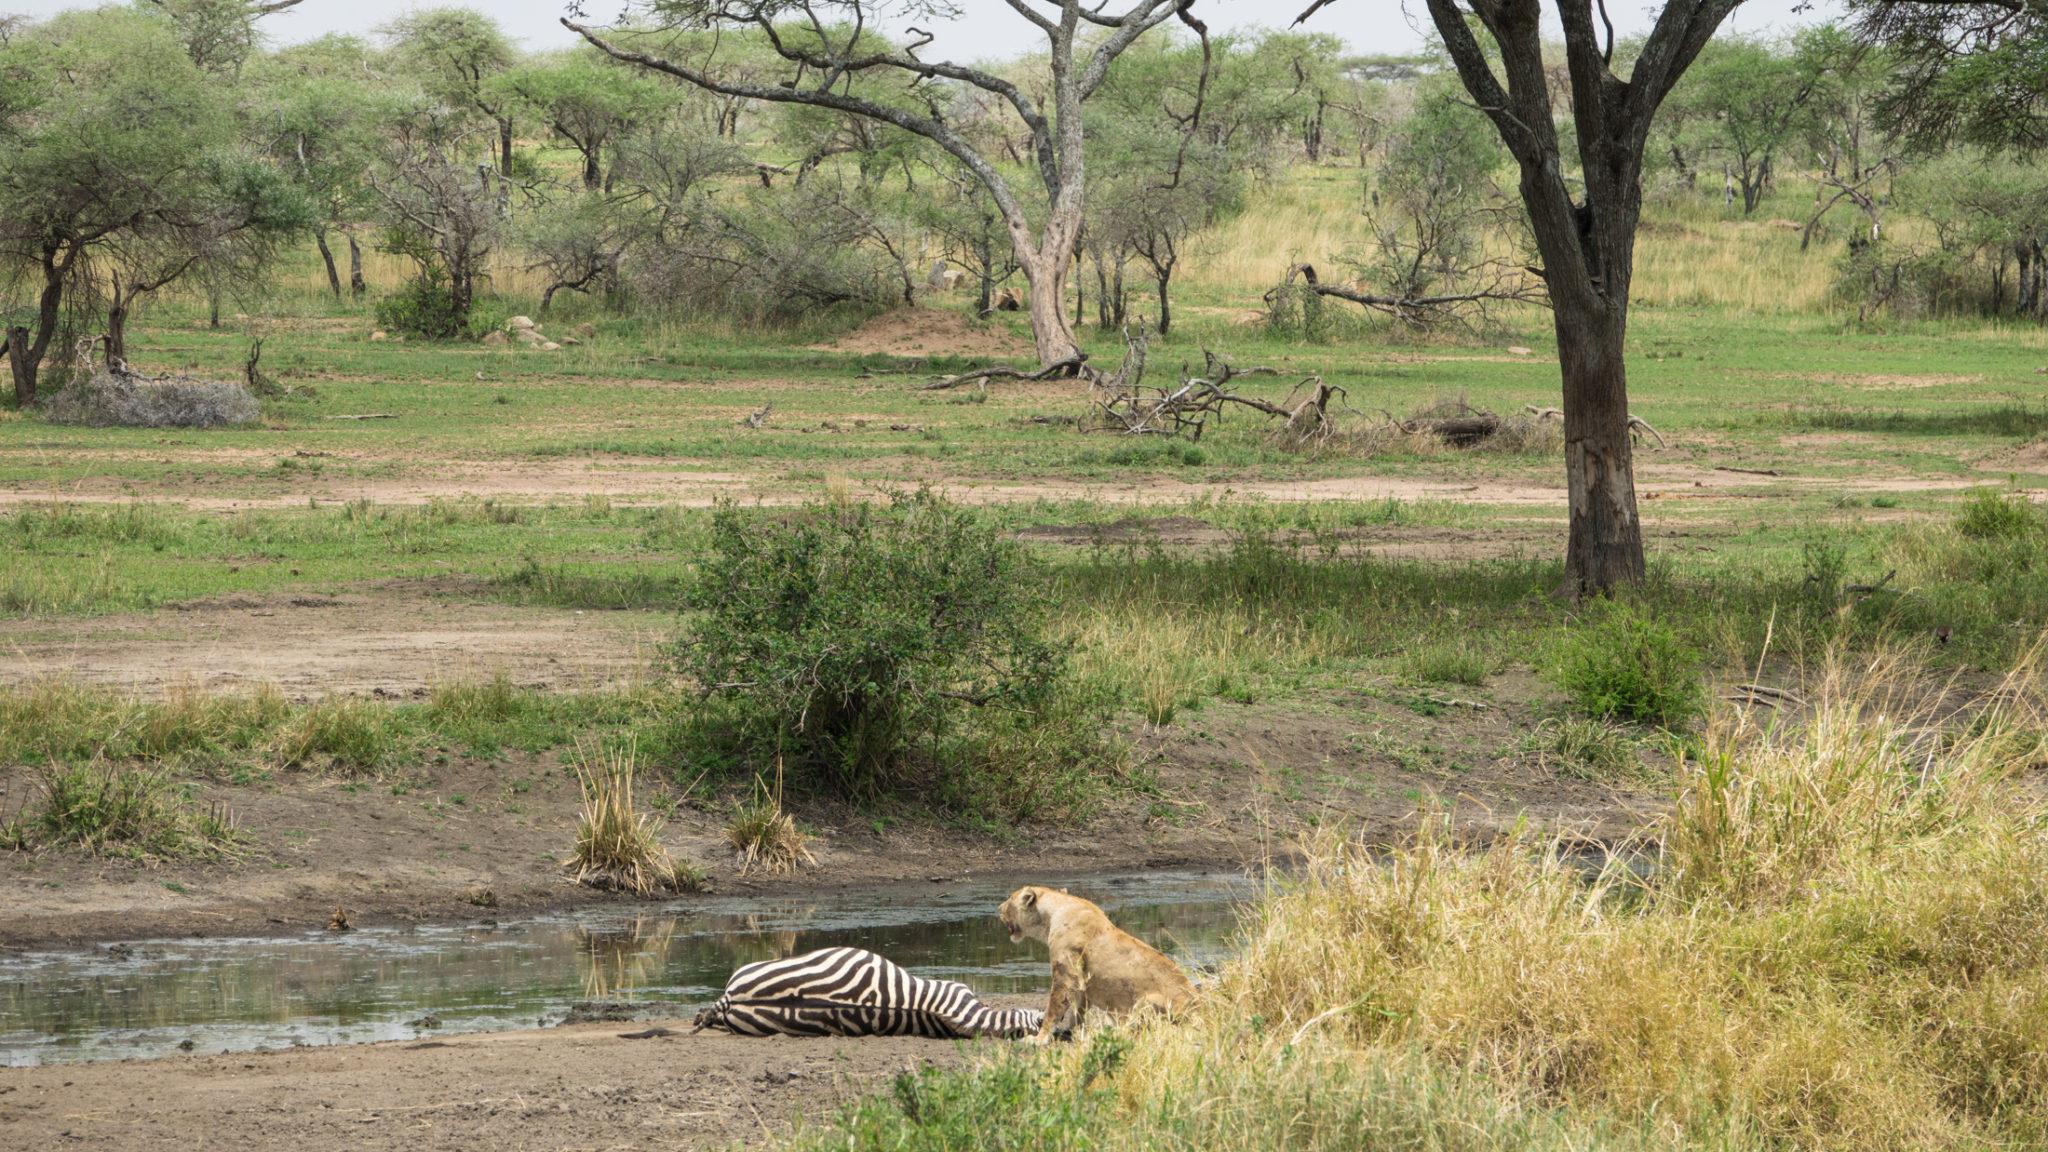 Löwin mit erlegten Zebra in der Serengeti, Tansania